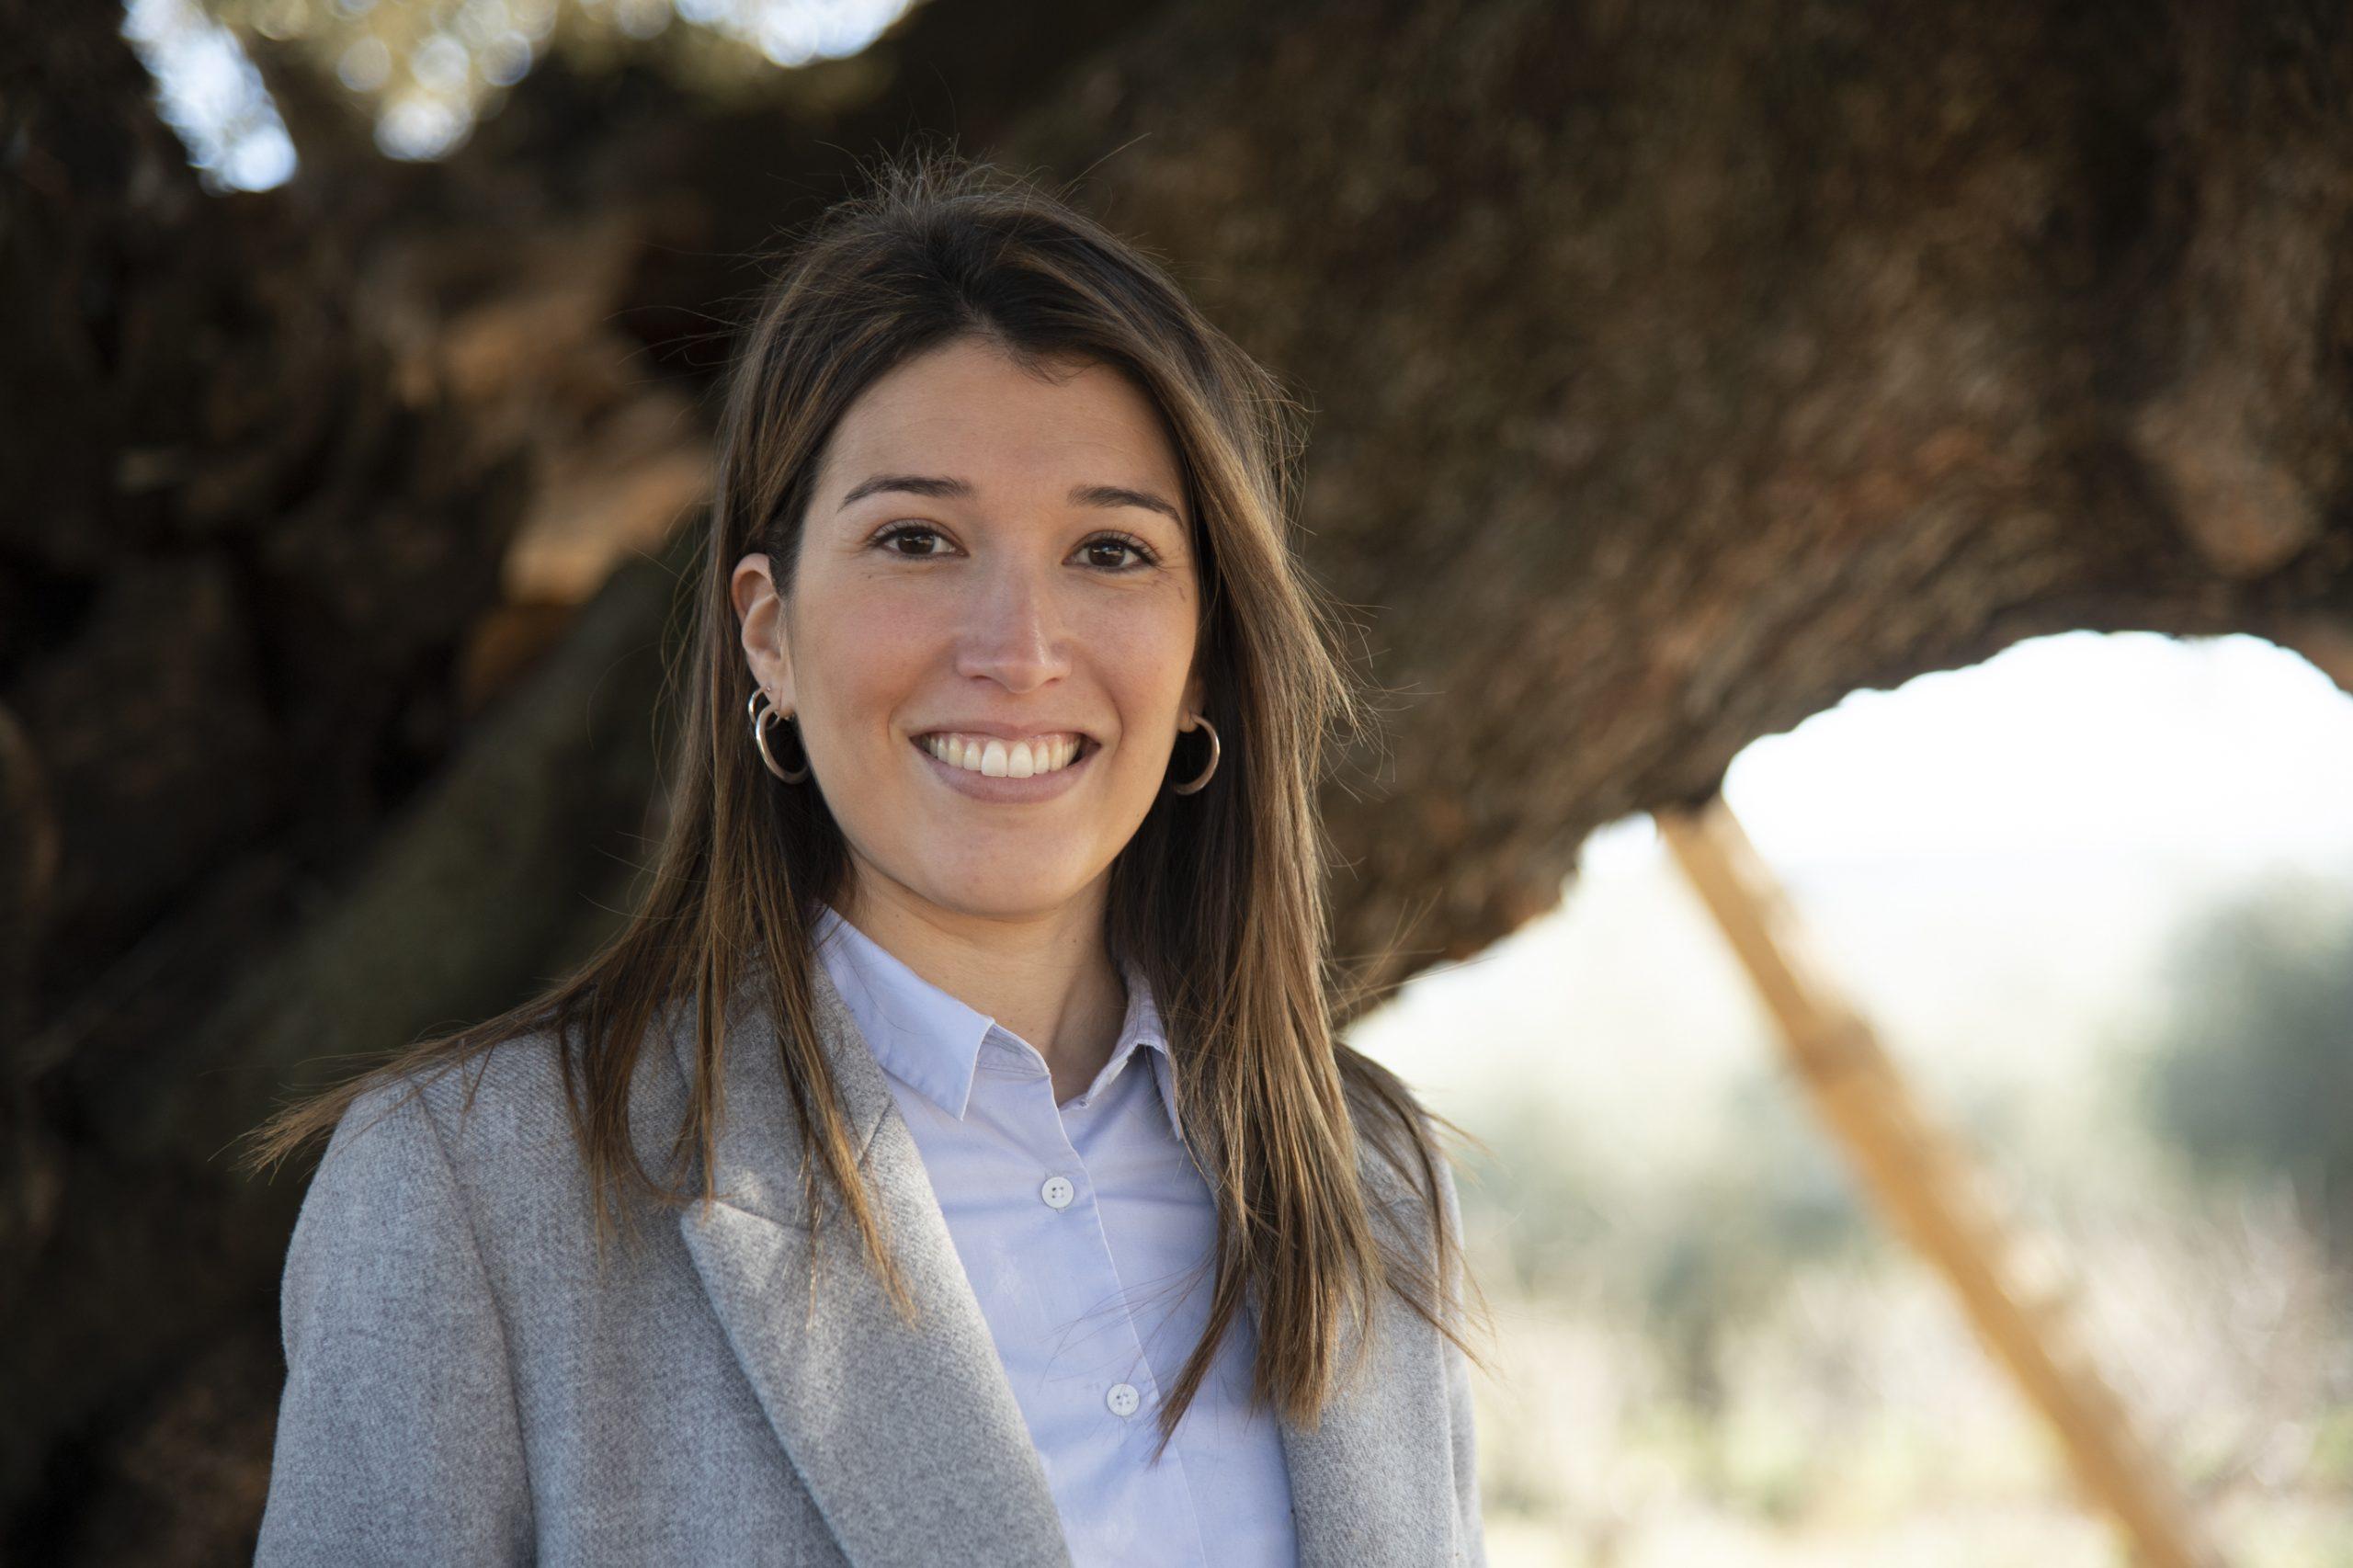 Entrevista a la primera teniente alcalde de Oropesa, María Jiménez